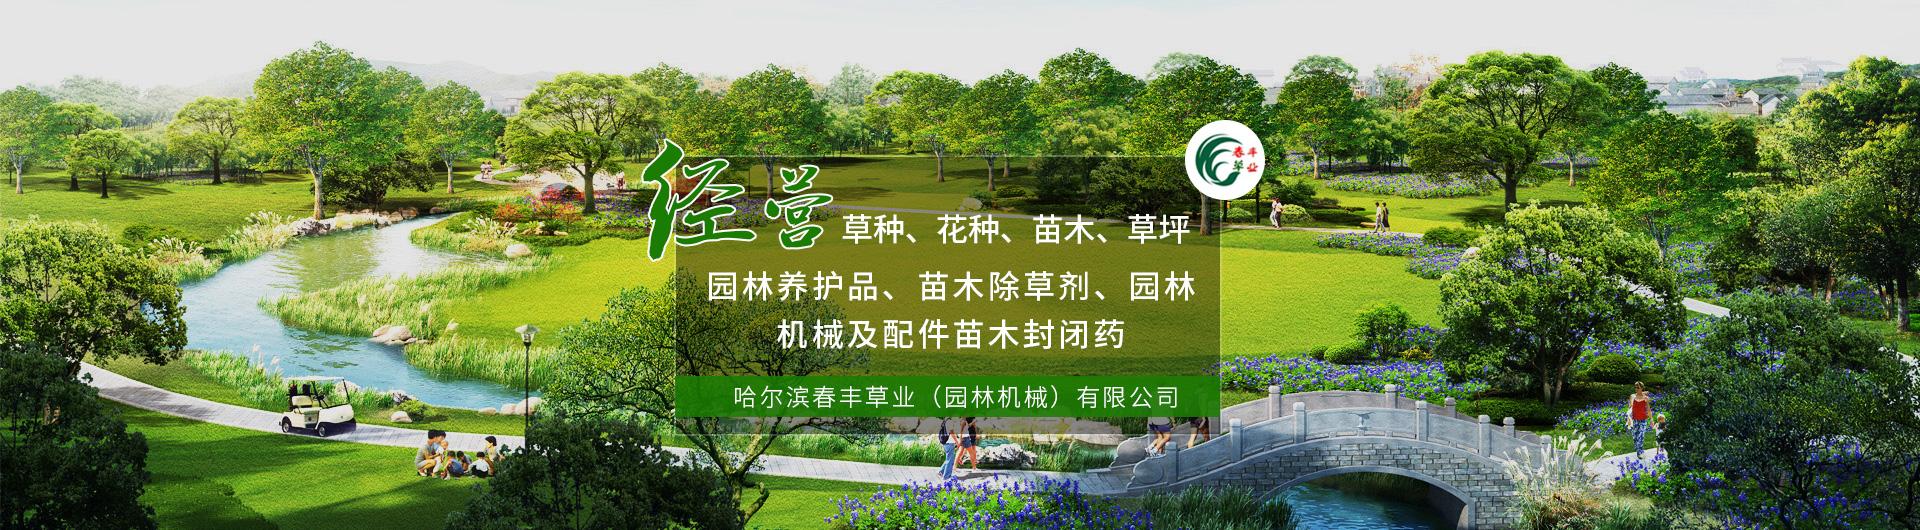 黑龙江园林养护品